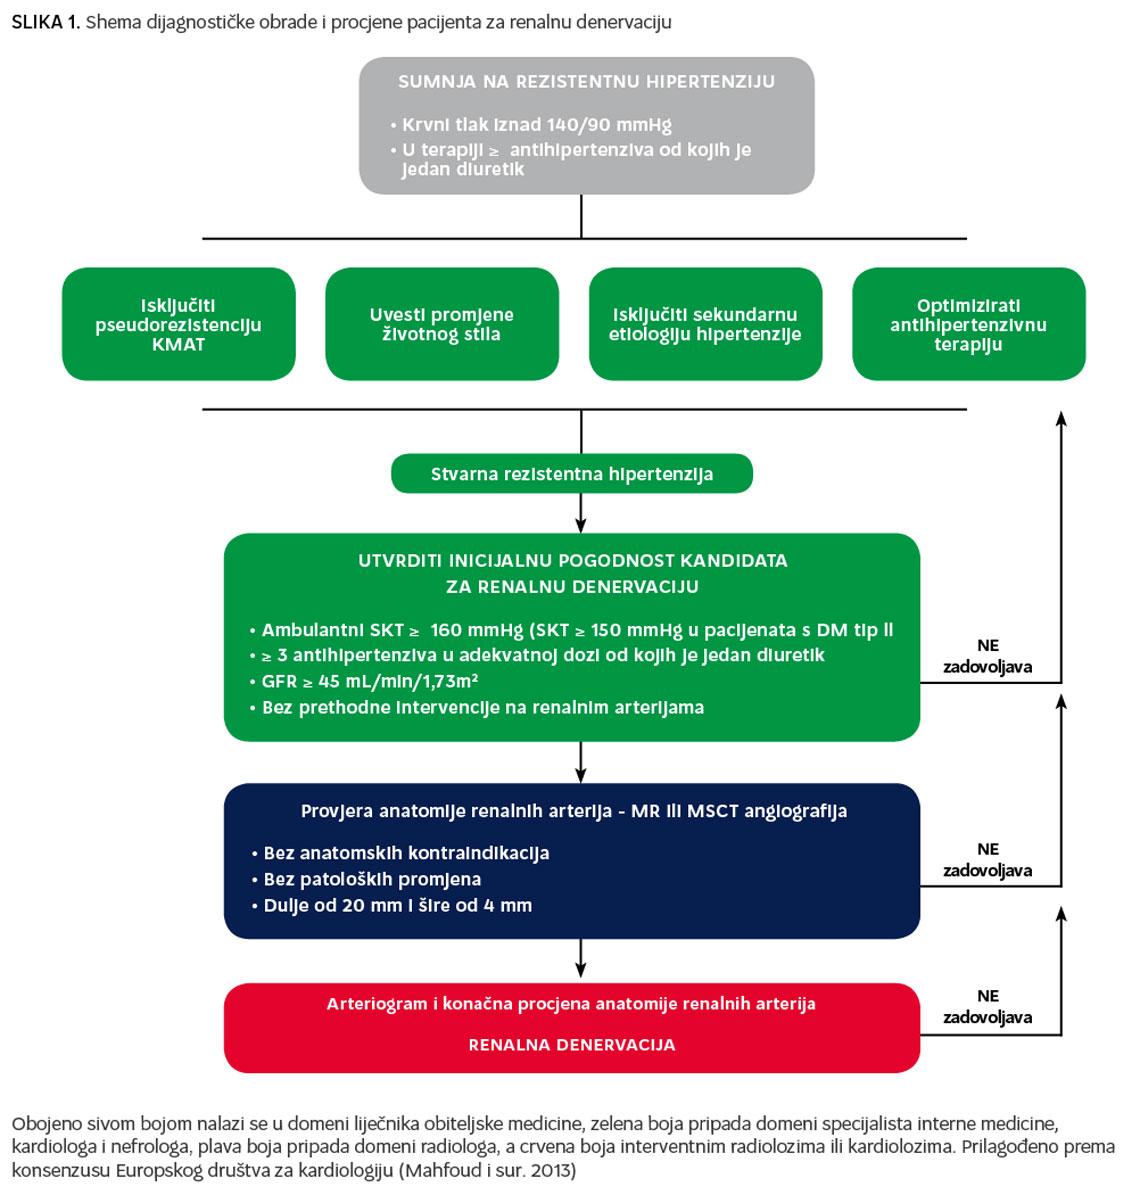 kardio-vaskularni hipertenzija sprječavanje hipertenzije u djece i adolescenata